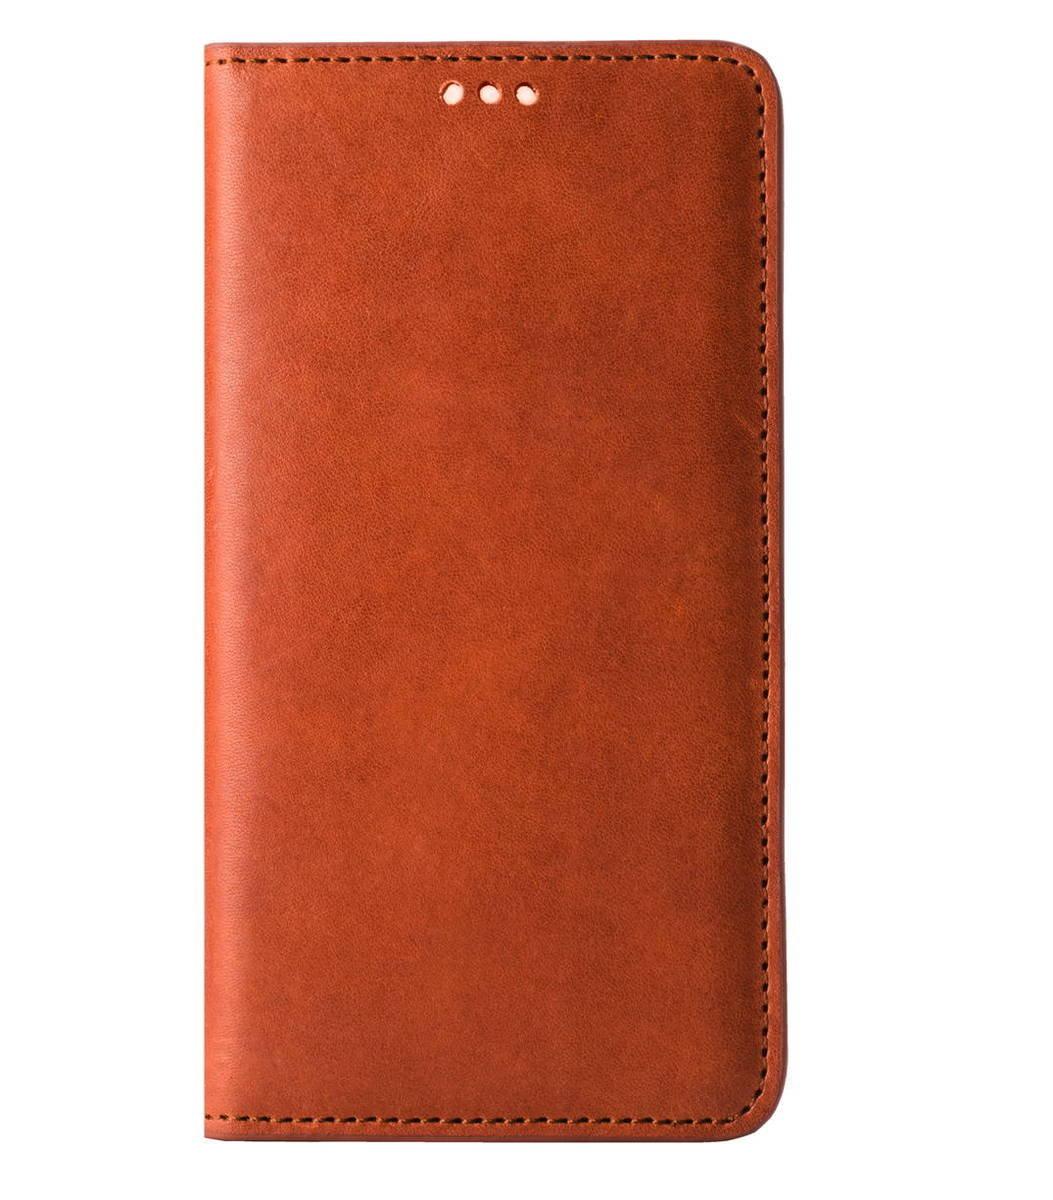 """iPhone 6/6S (4.7"""") Herman Series 意大利真牛皮手機套 - 橙啡色"""